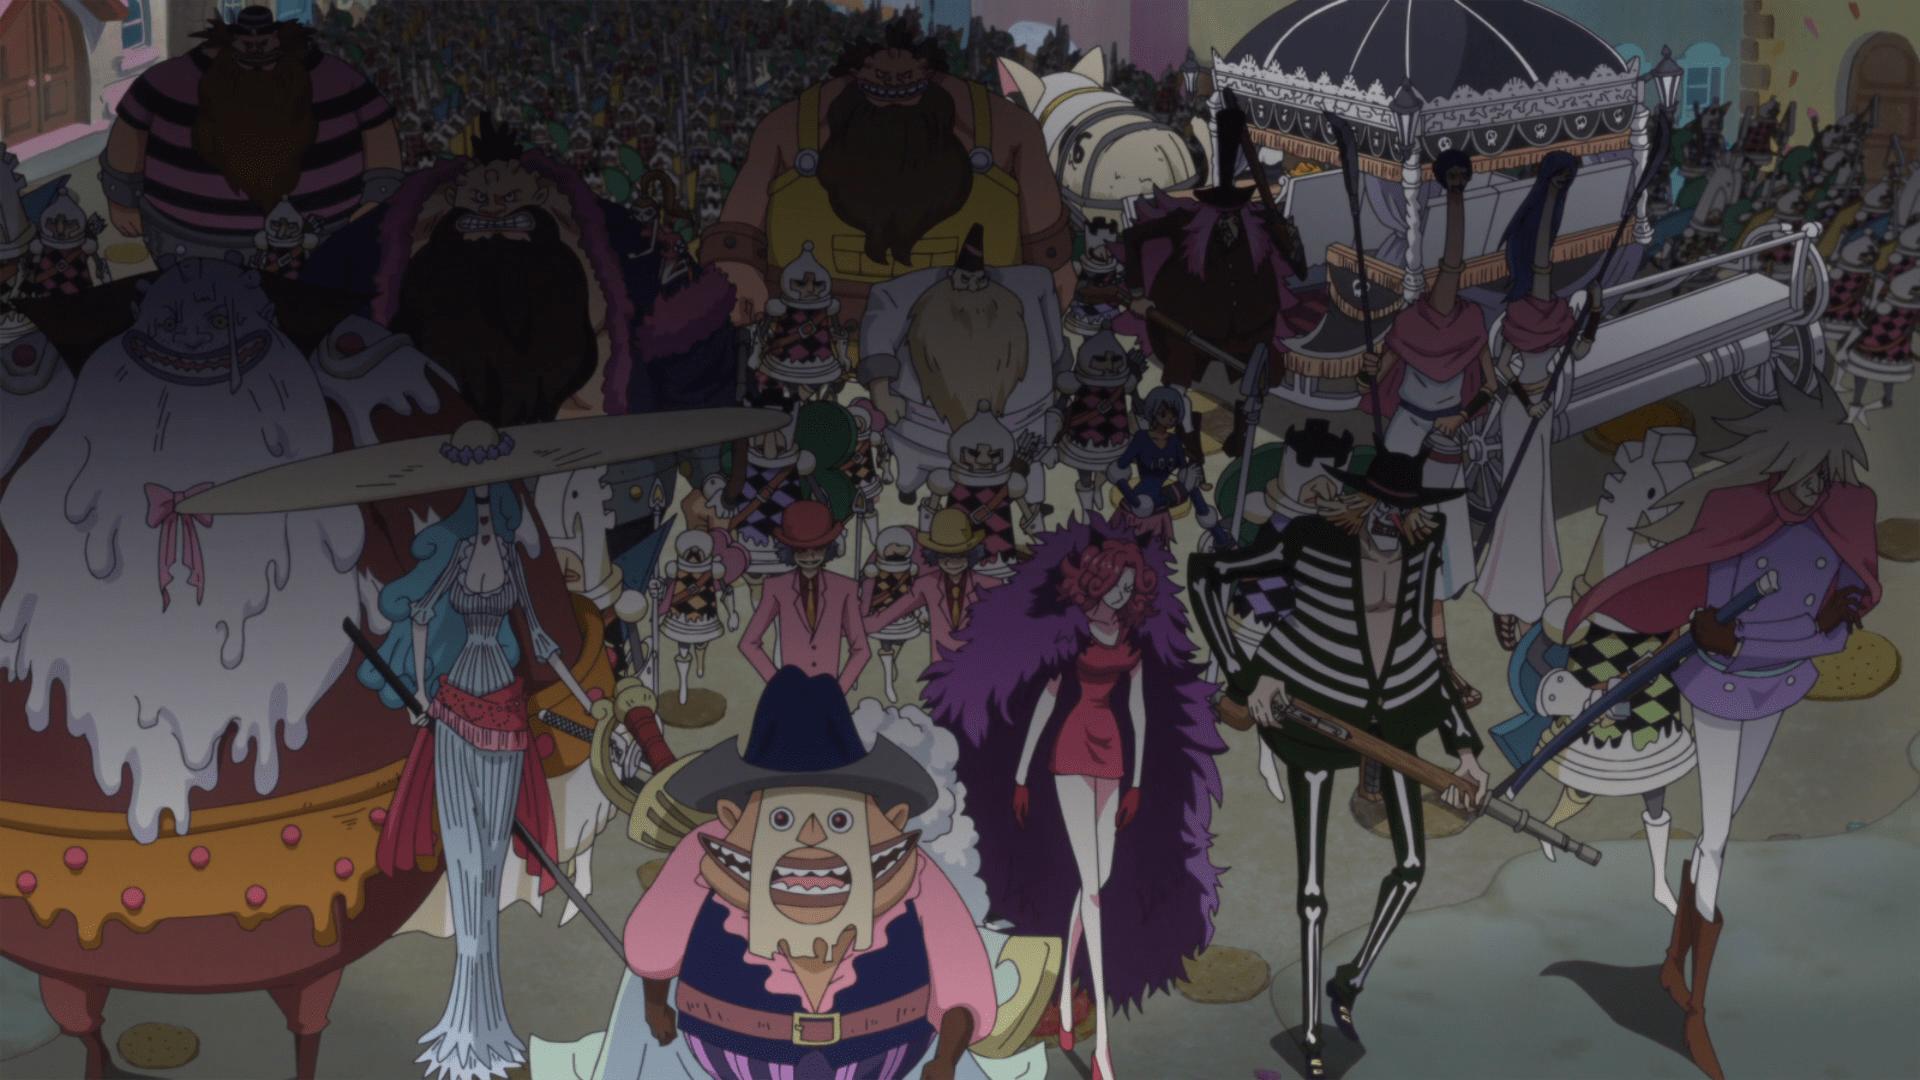 Big Mom Pirates, Yonko dengan Kru Bajak Laut Terkuat di One Piece 3